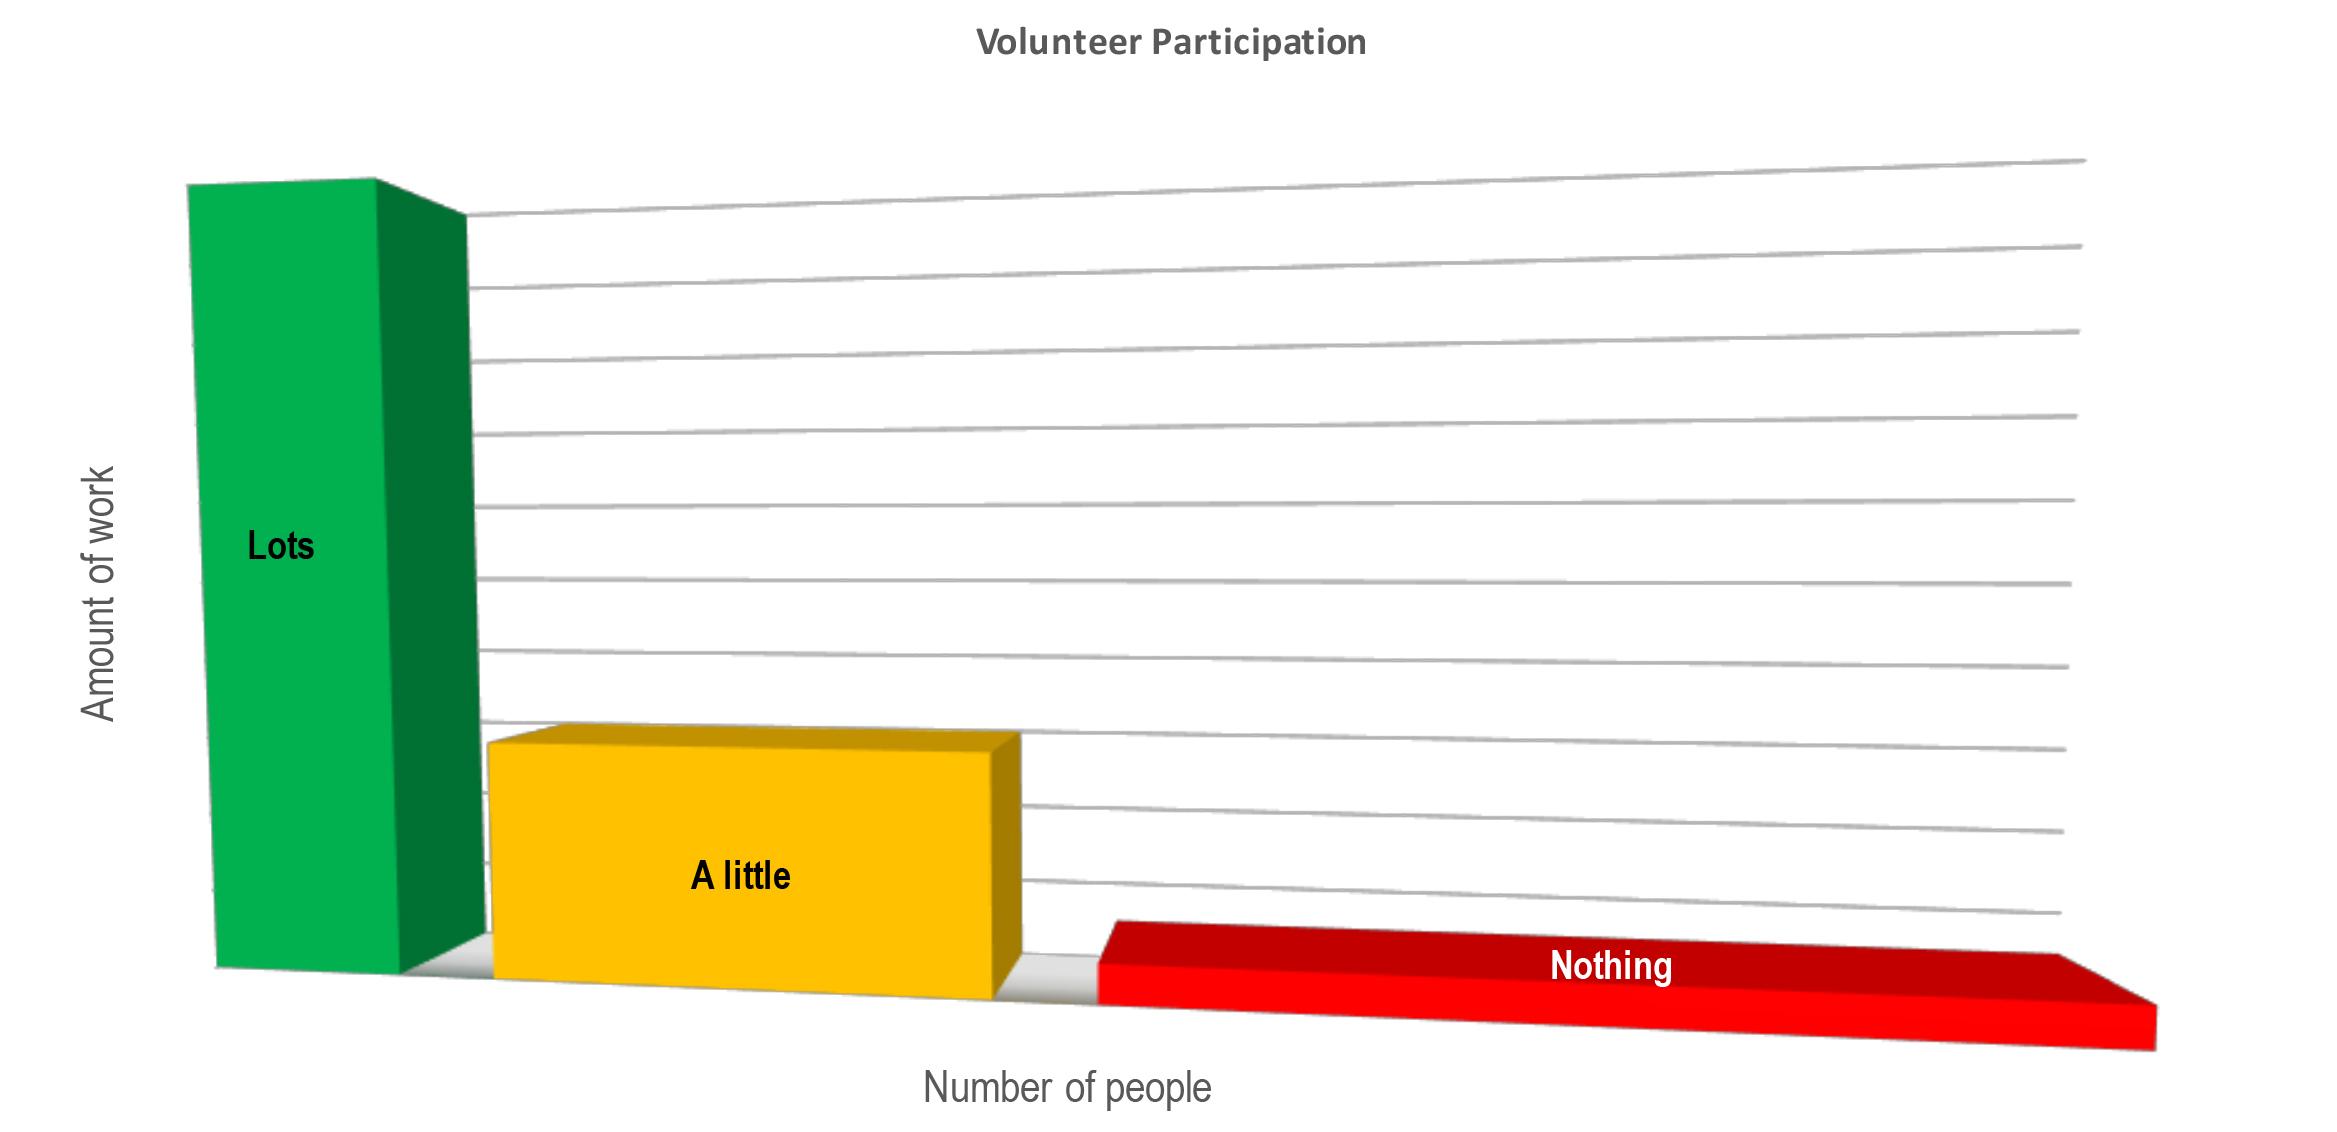 170419 Volunteer workload graph.jpg